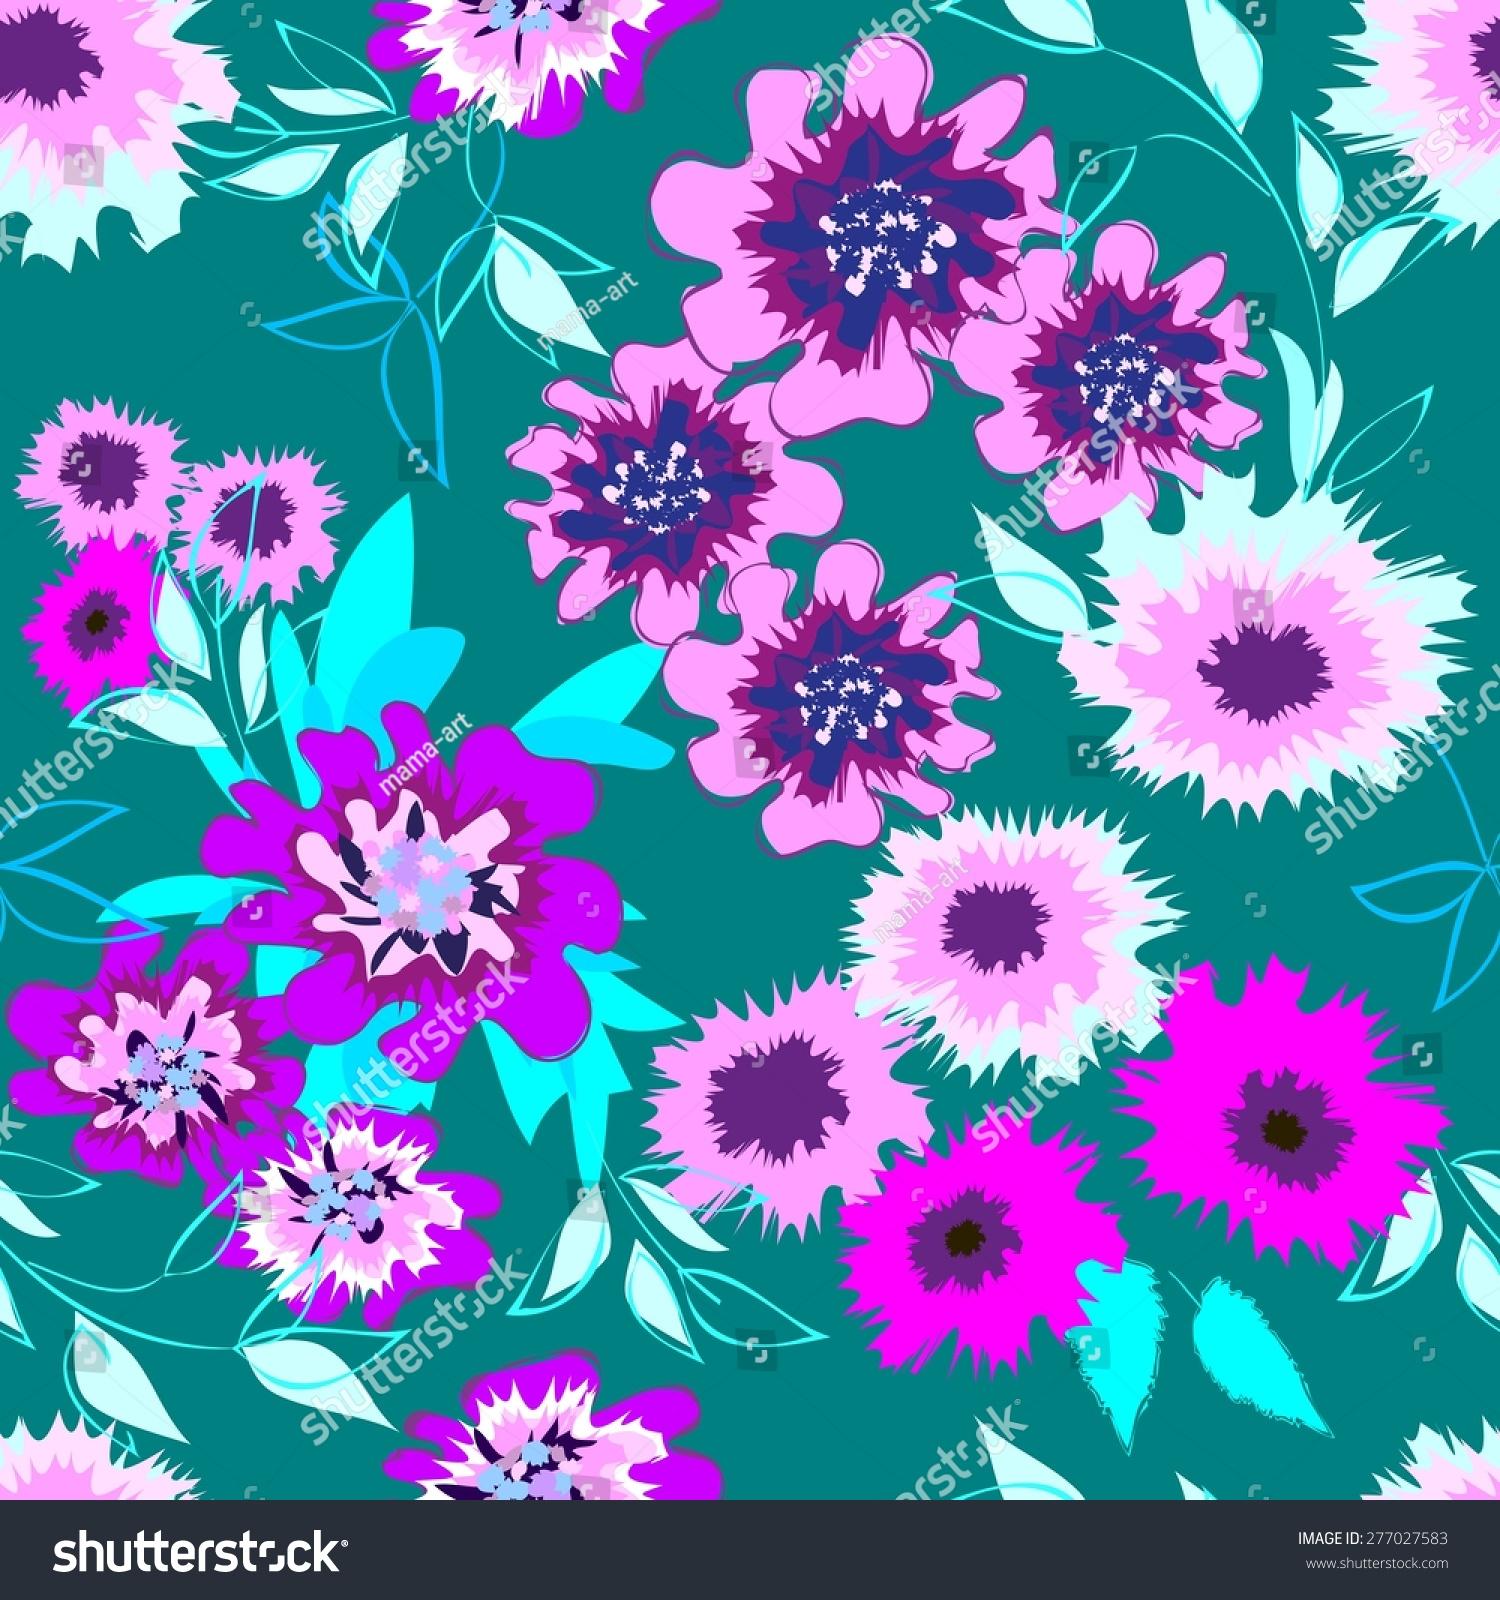 抽象花朵无缝模式的背景